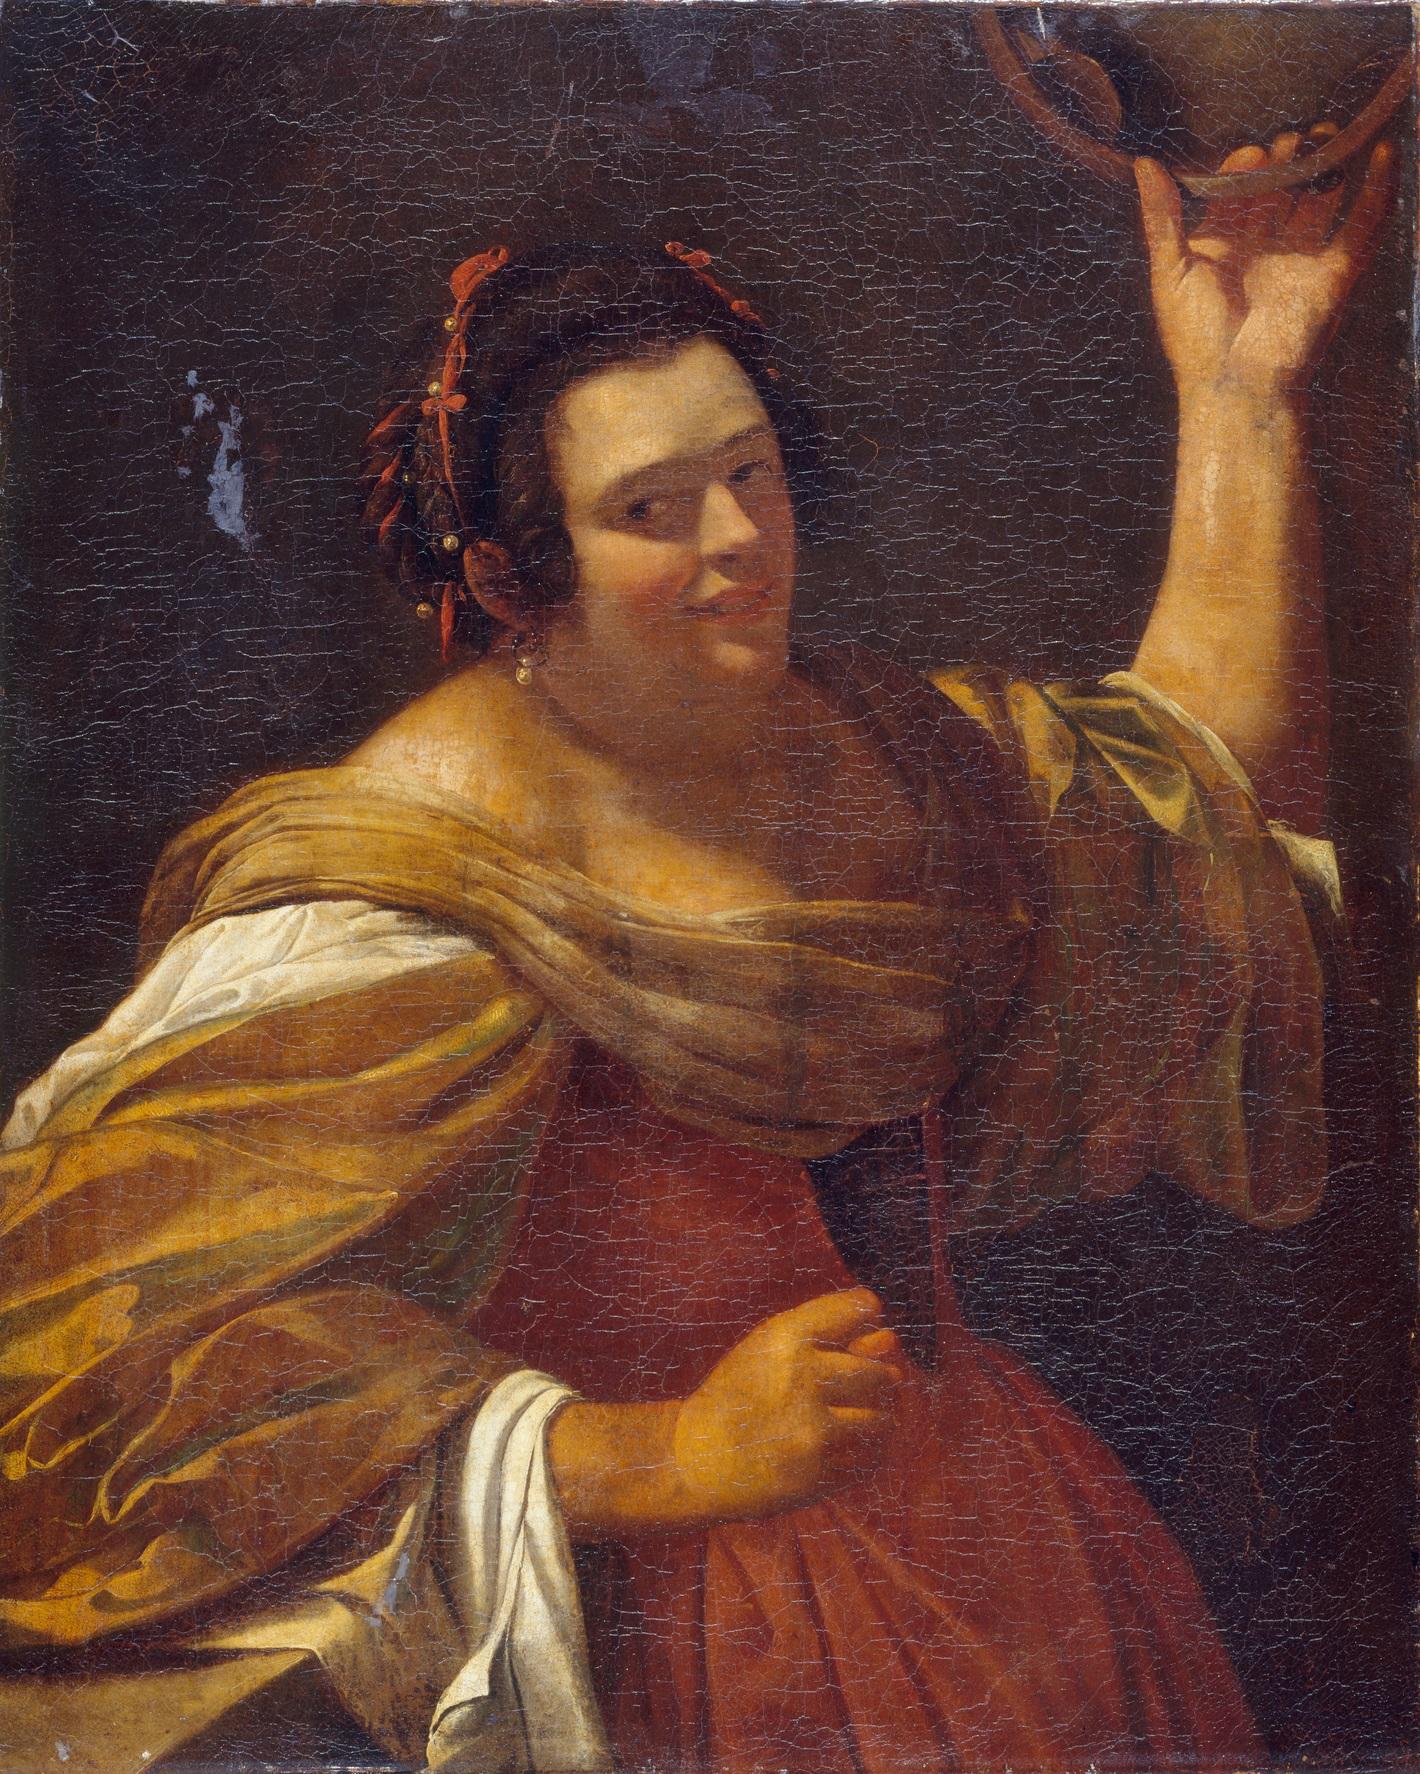 femme-jouant-du-tambour-basque_don-Mazaroz-Musees-de-Lons-le-Saunier